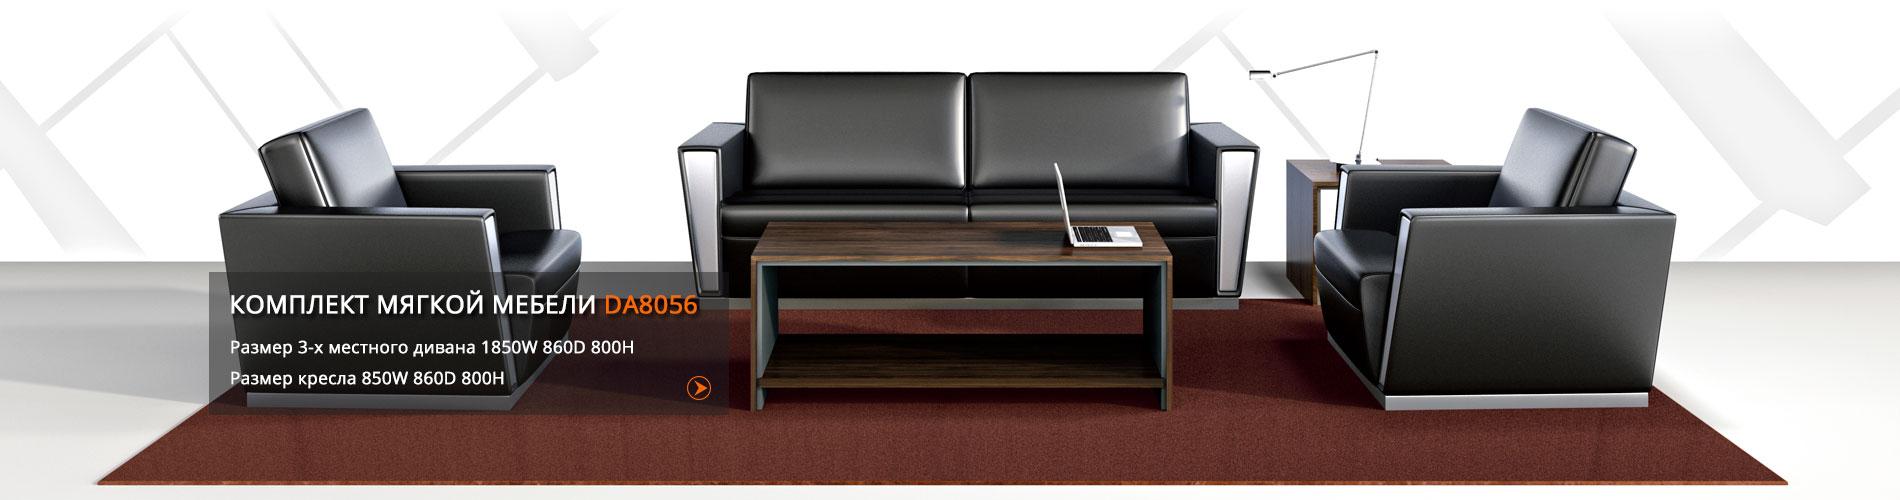 офисная мебель в ташкенте цены фото характеристики